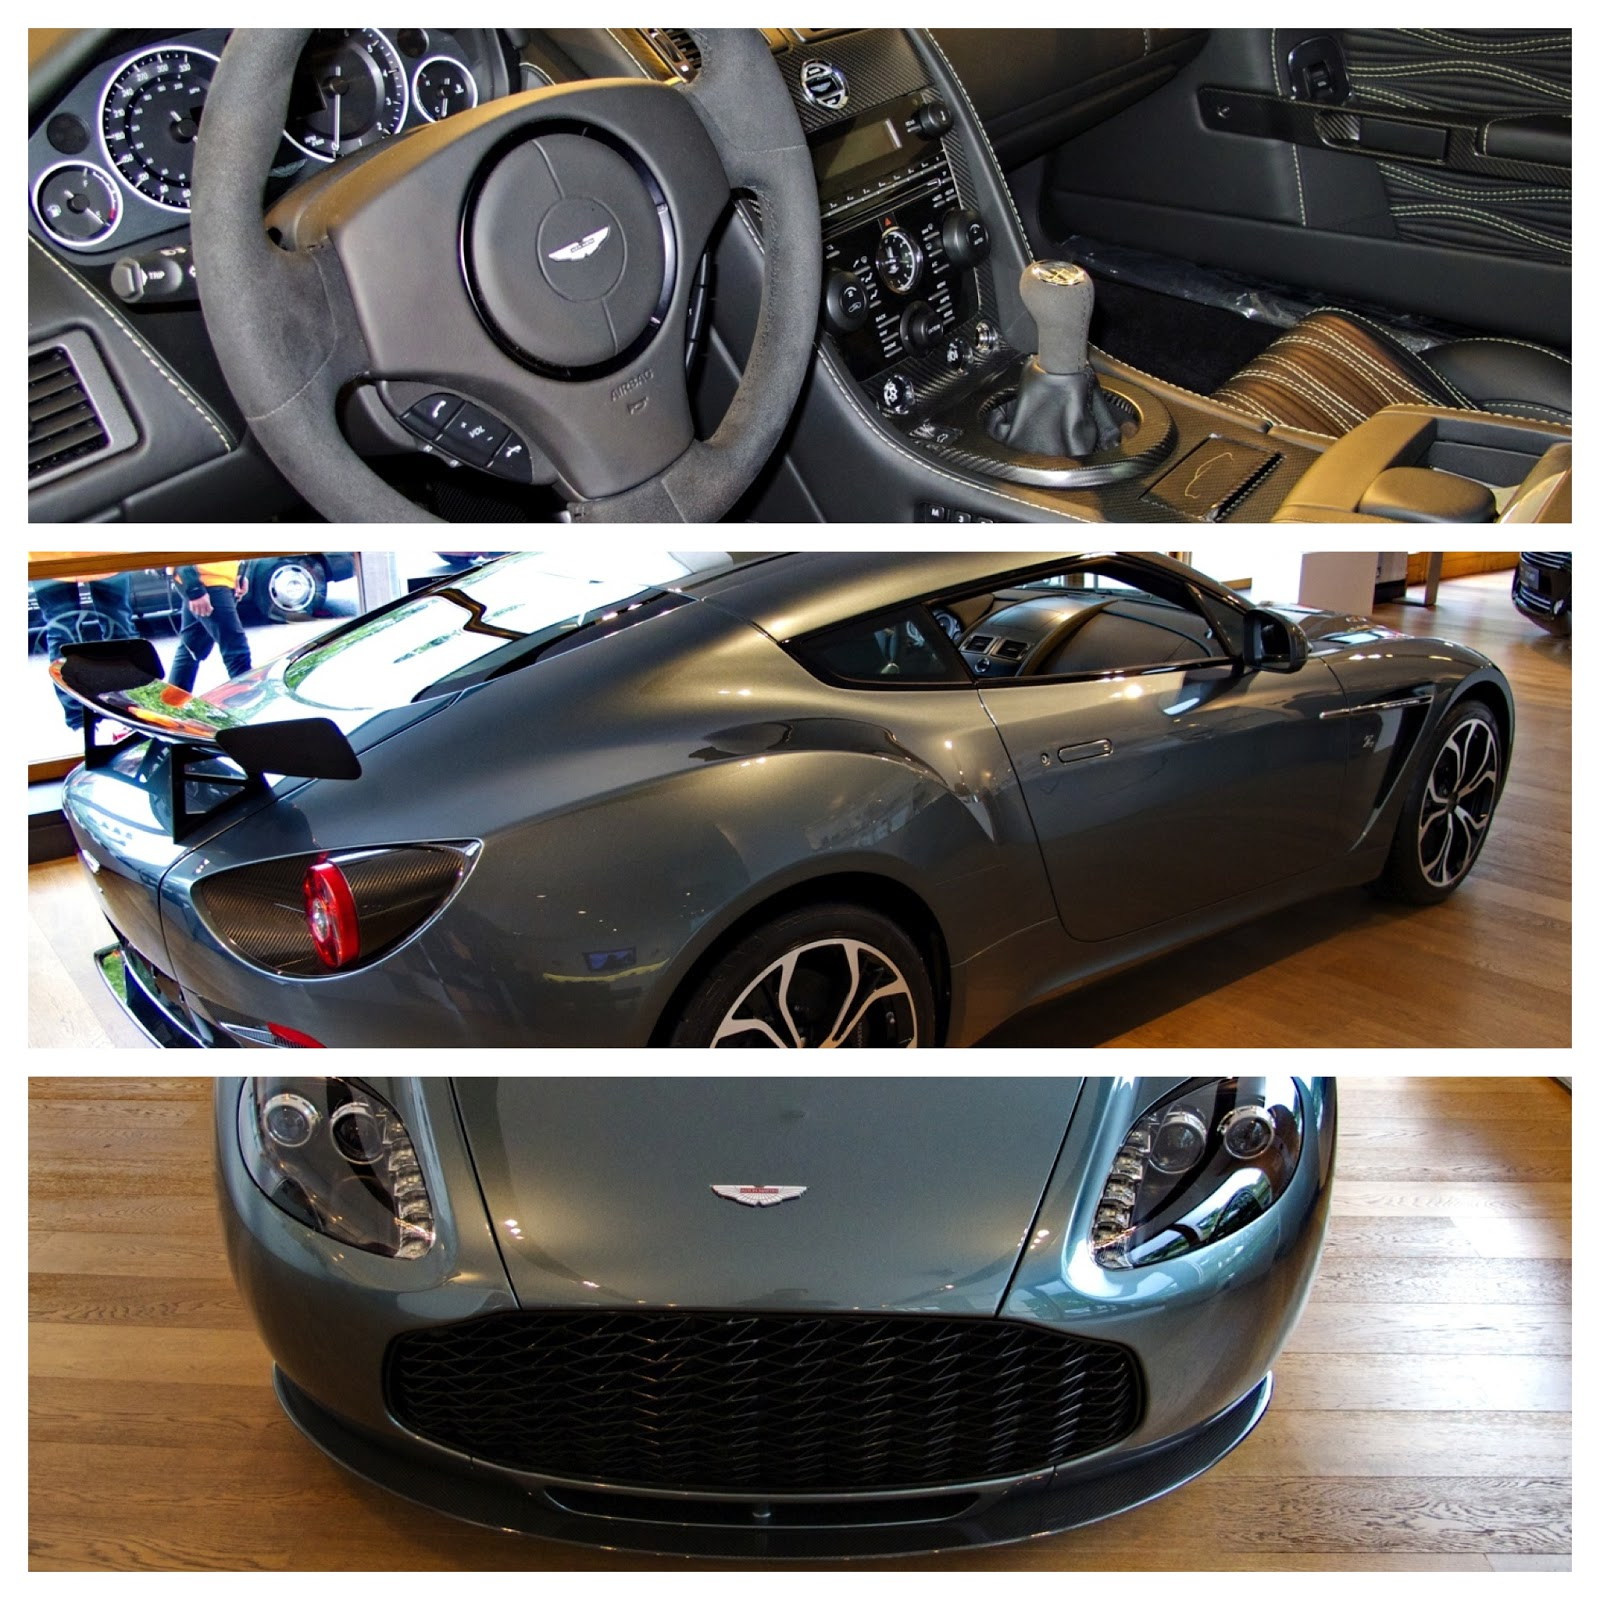 Aston Martin V12 Zagato From London - Cars & Life